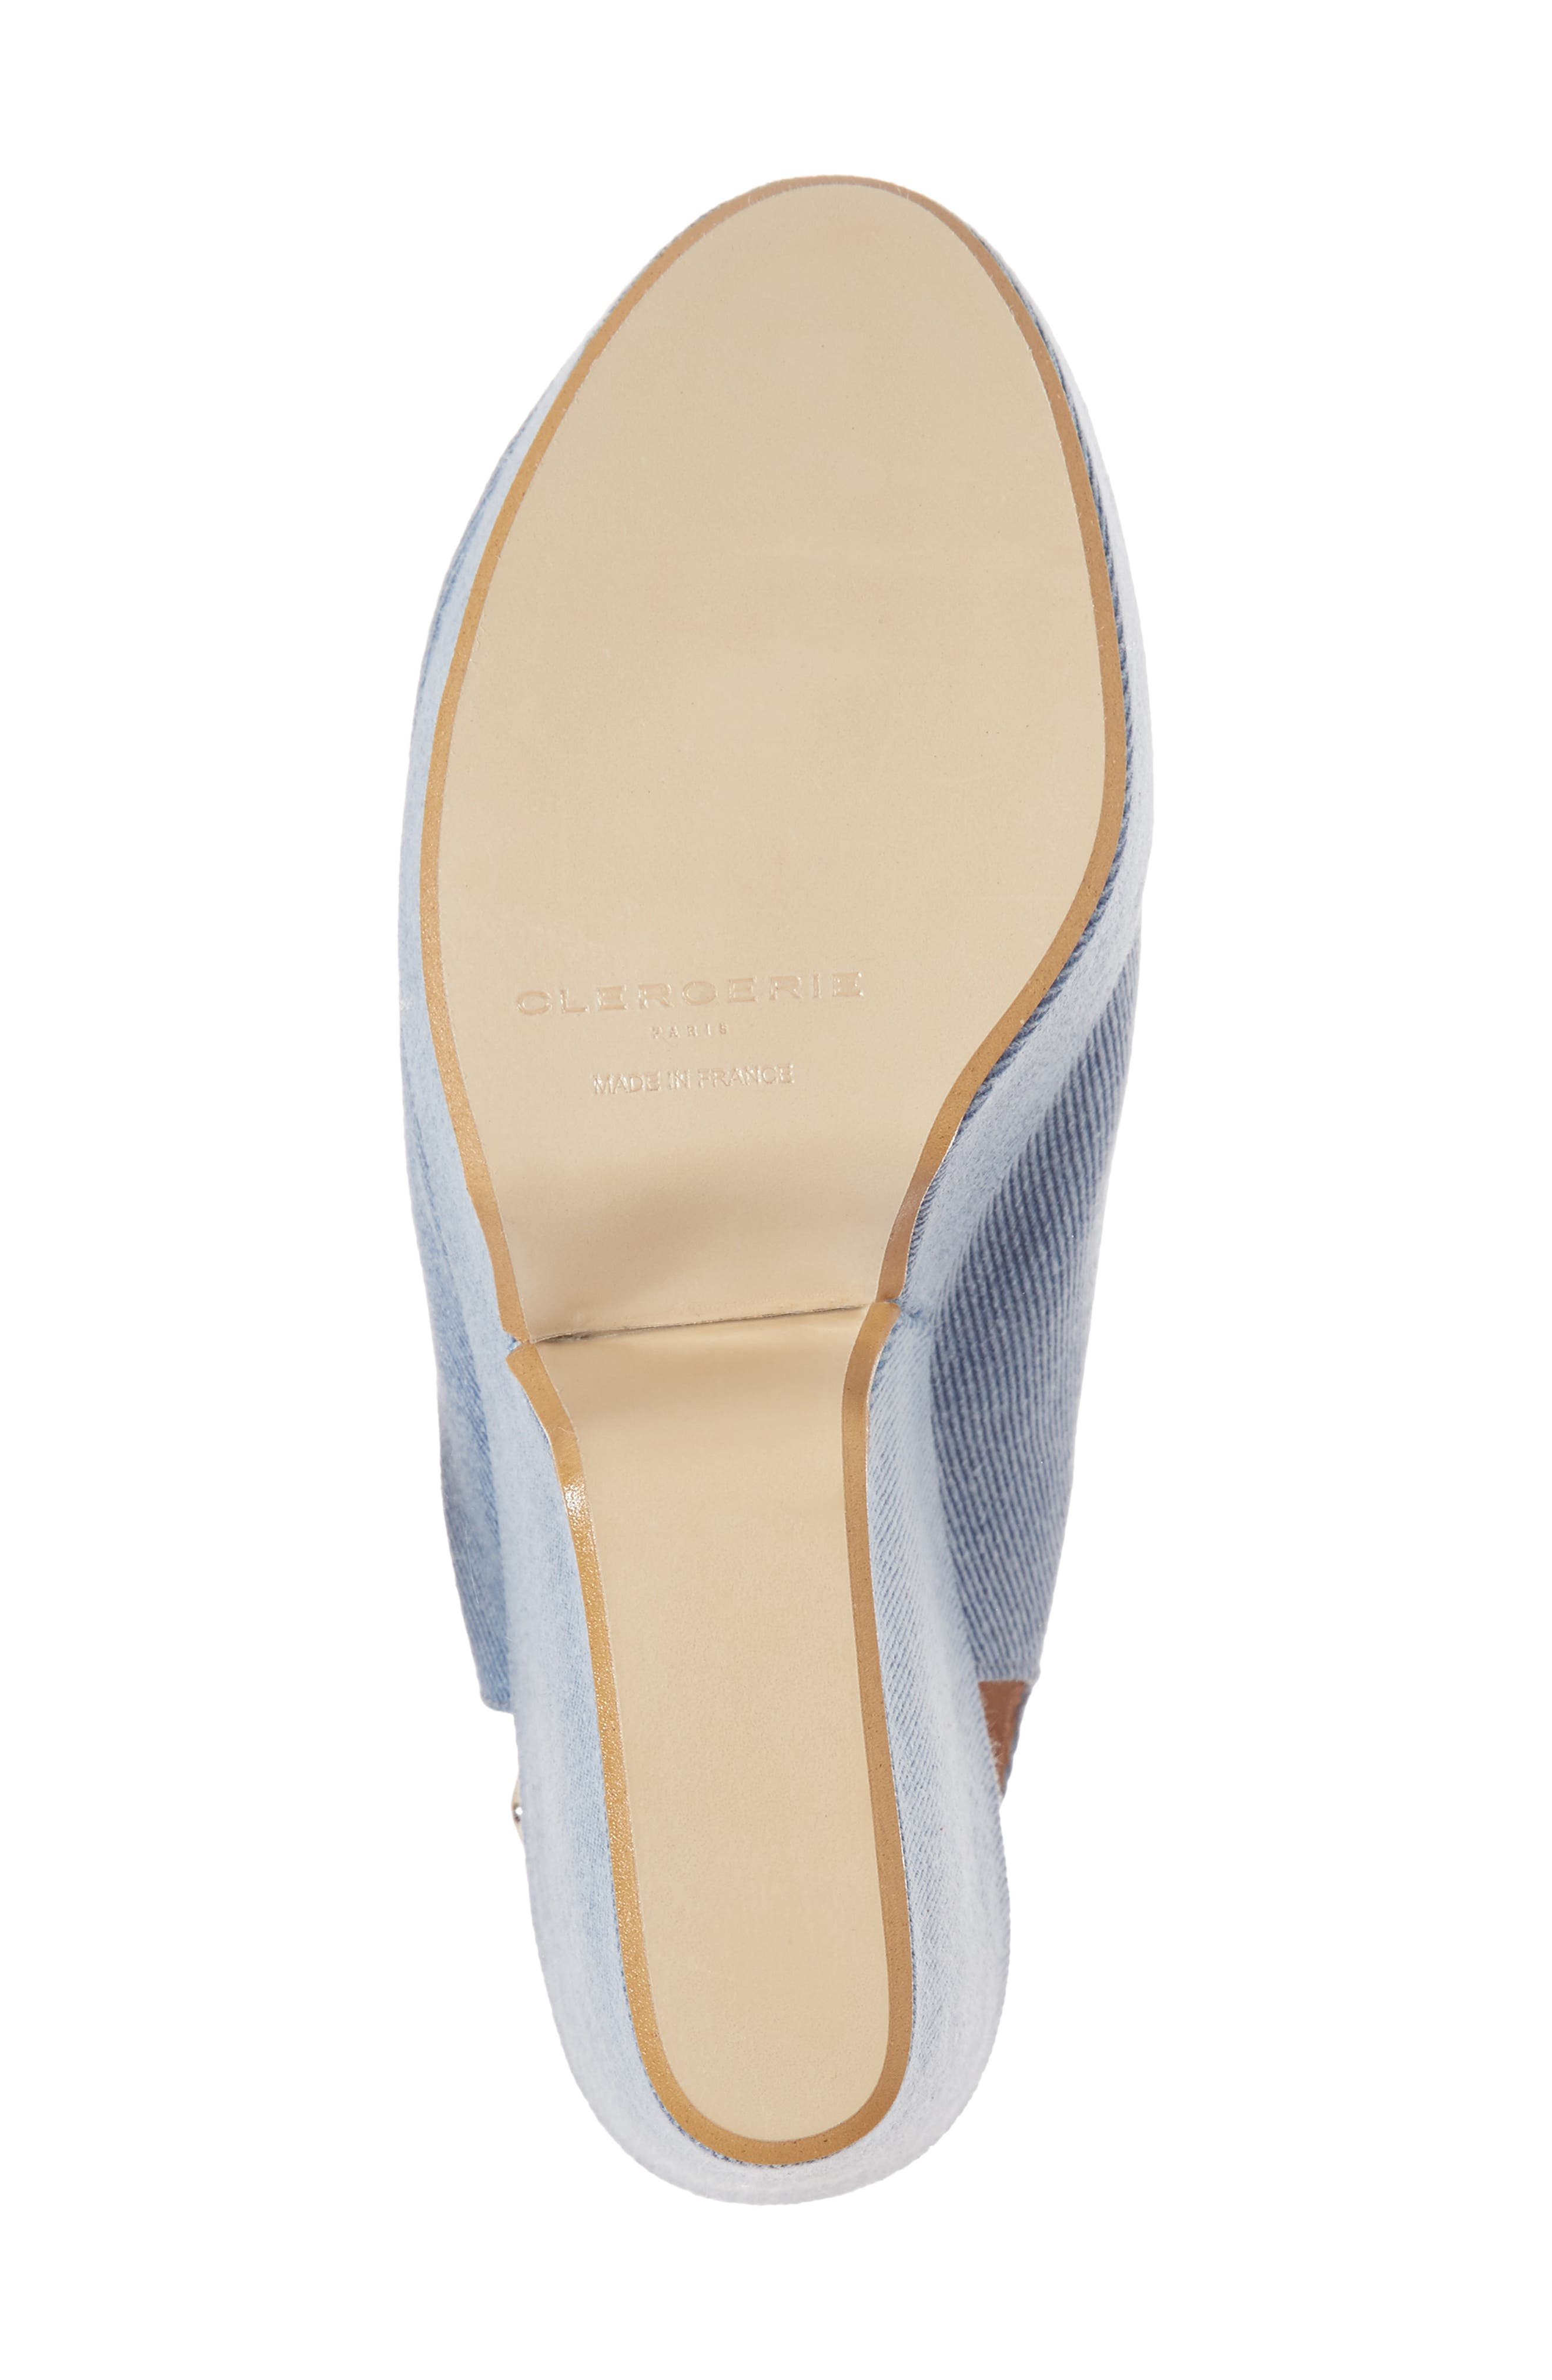 Dylanto Platform Wedge Sandal,                             Alternate thumbnail 6, color,                             400